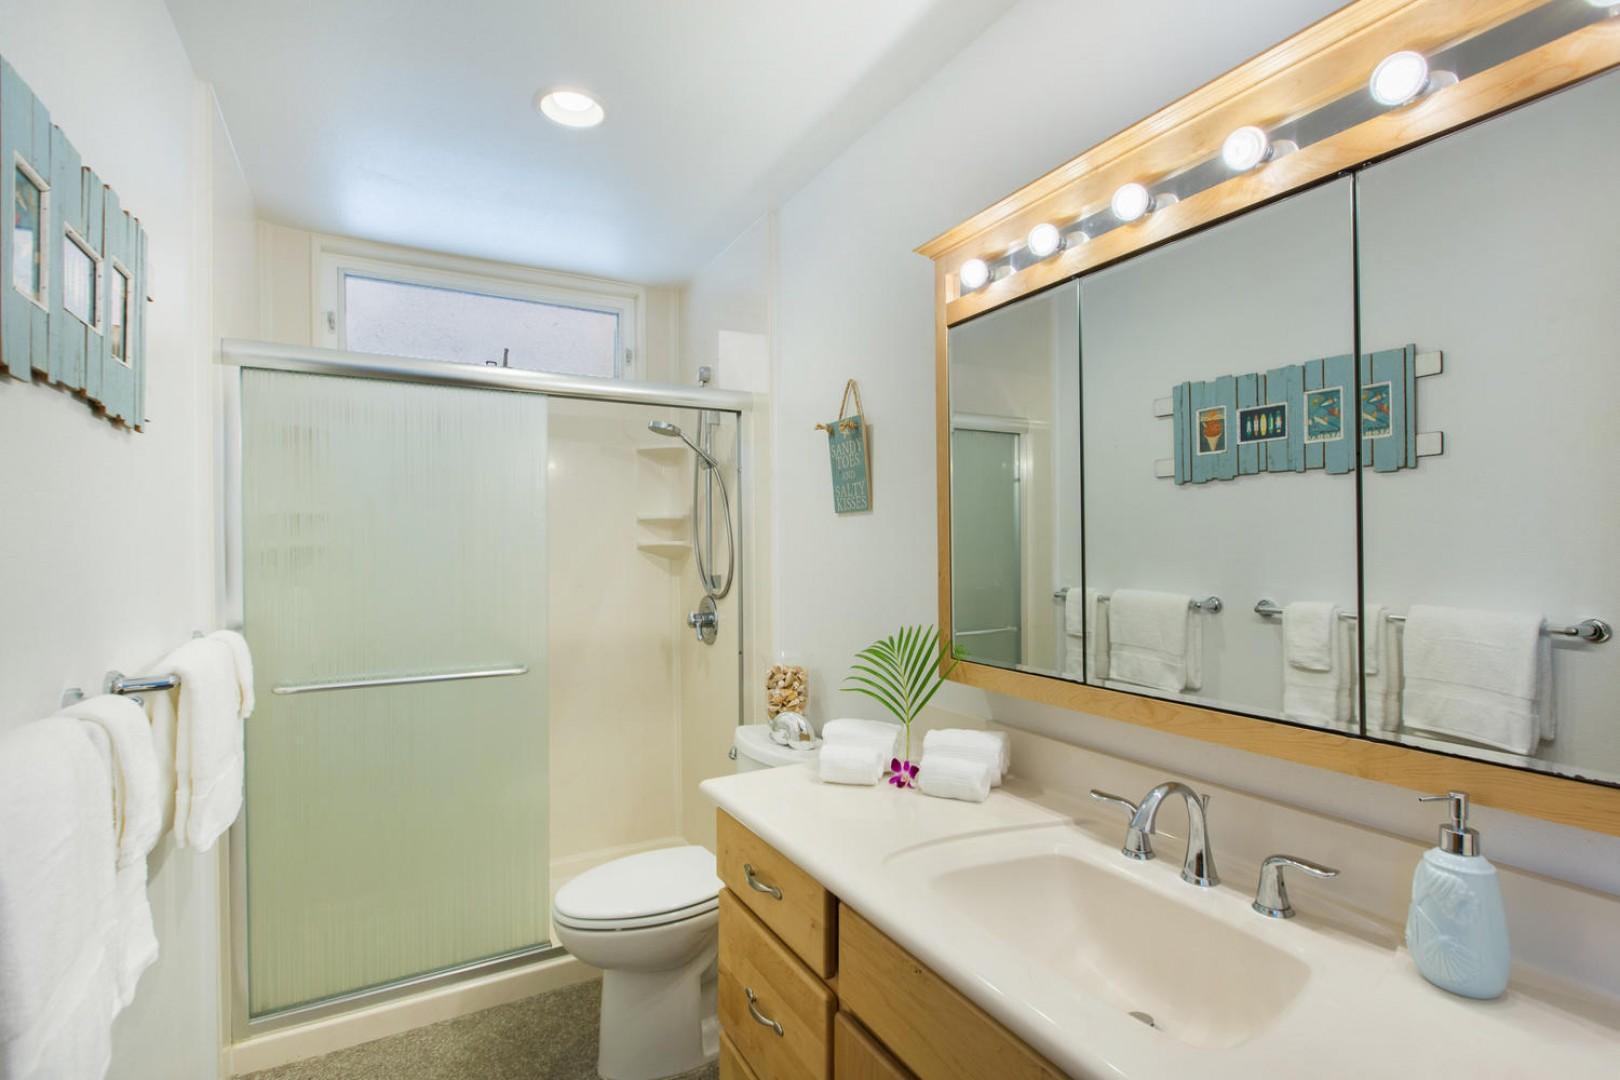 Shared hallway bathroom on main floor.